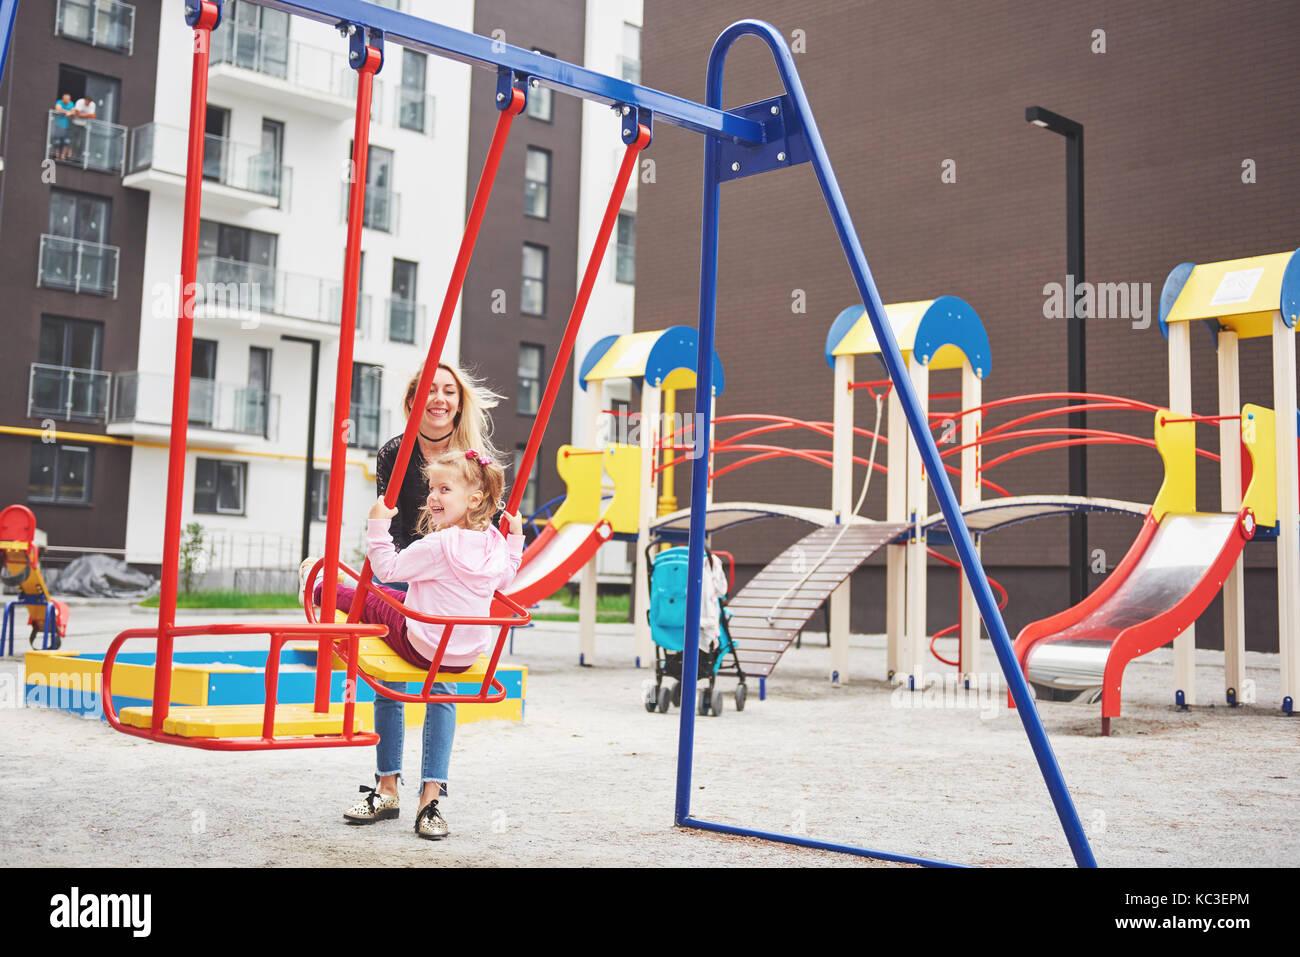 Mutter mit Kind auf dem Spielplatz Stockfoto